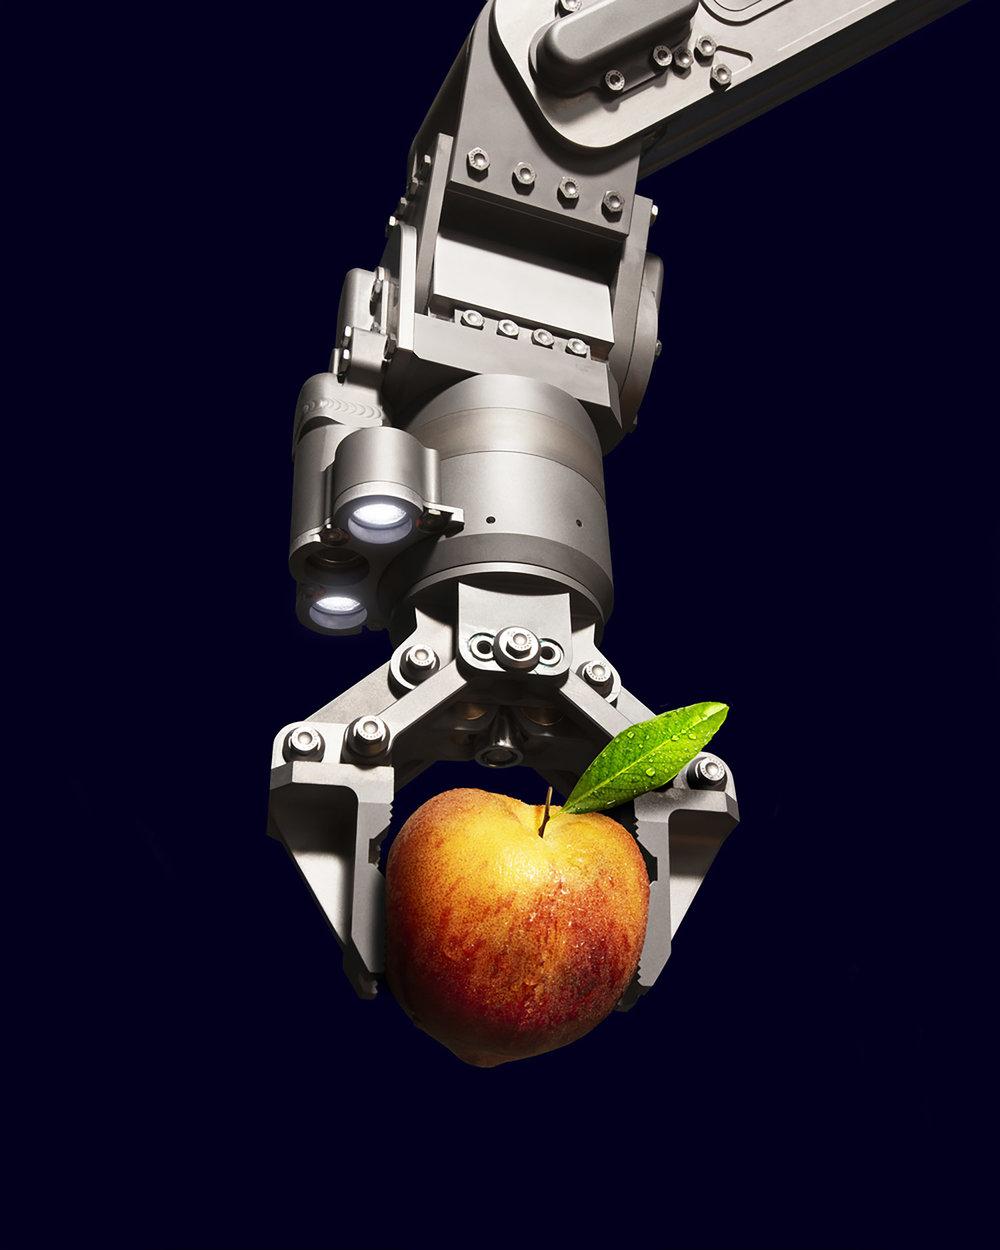 Schilling Robotics TITAN 4, Davis, California, 2011